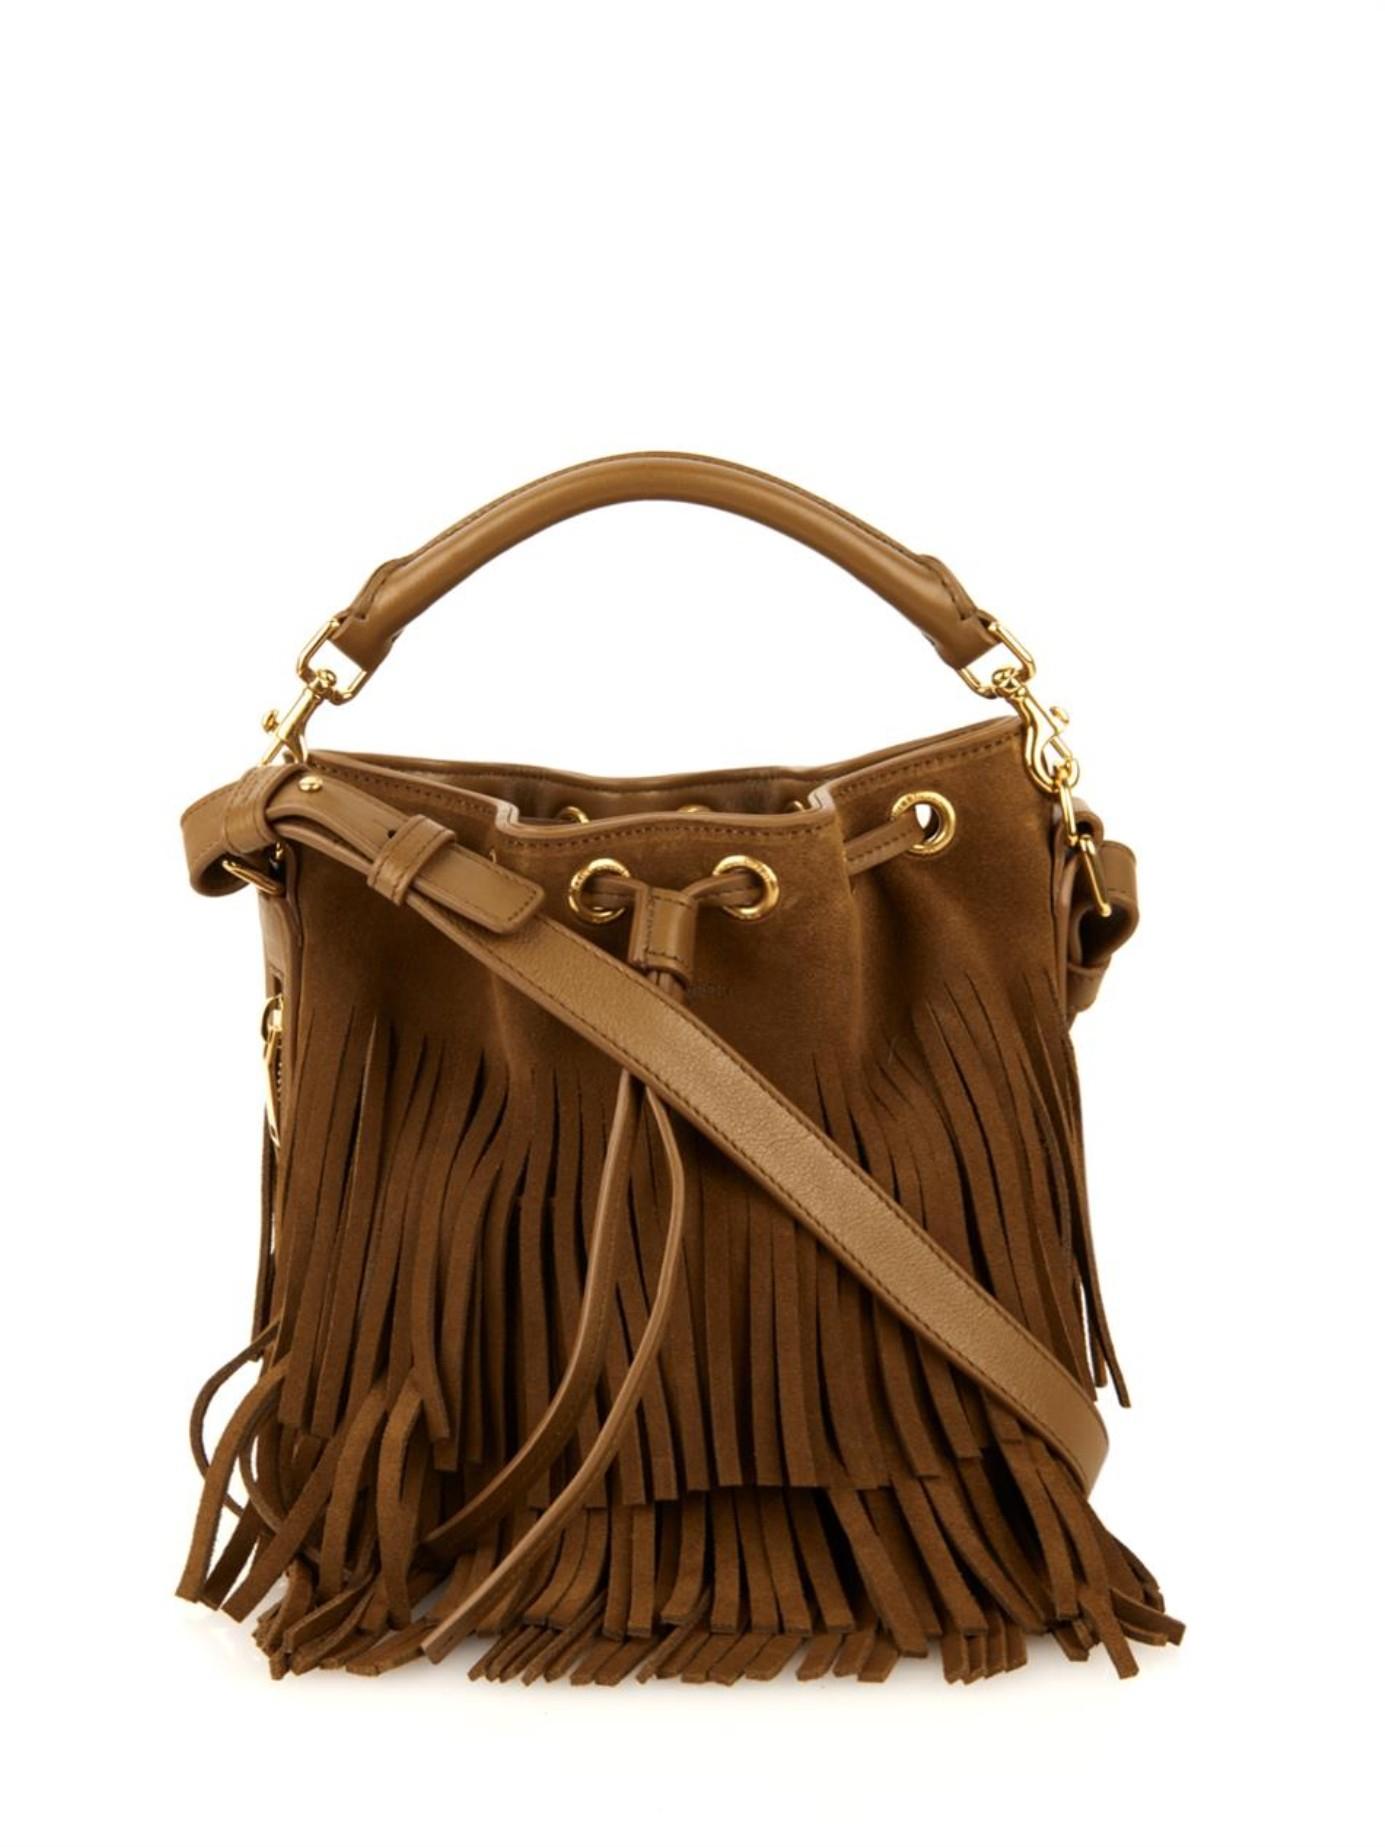 ysl luggage - emmanuelle small suede fringe hobo bag, tan